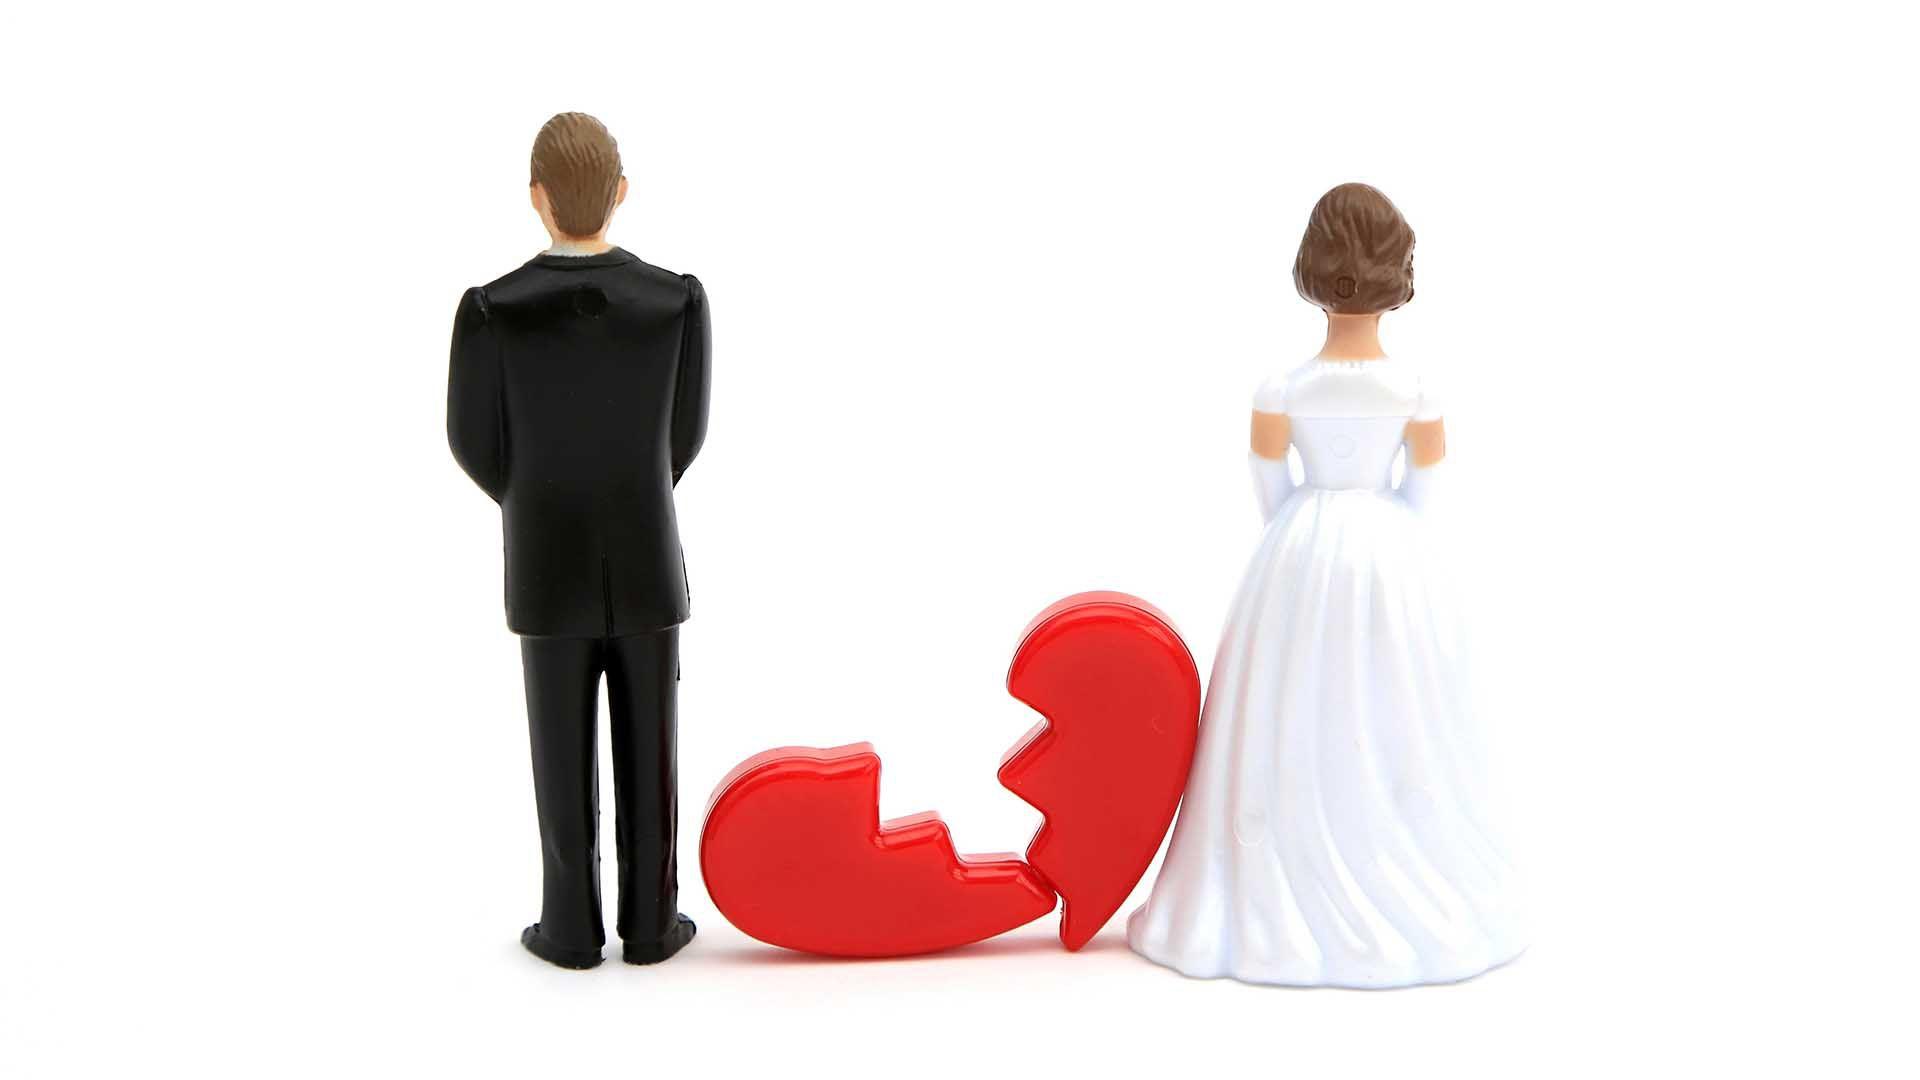 """""""No, no me puedo separar porque estoy enamorado"""", es una de las frases más comunes que se dice (Shutterstock)"""